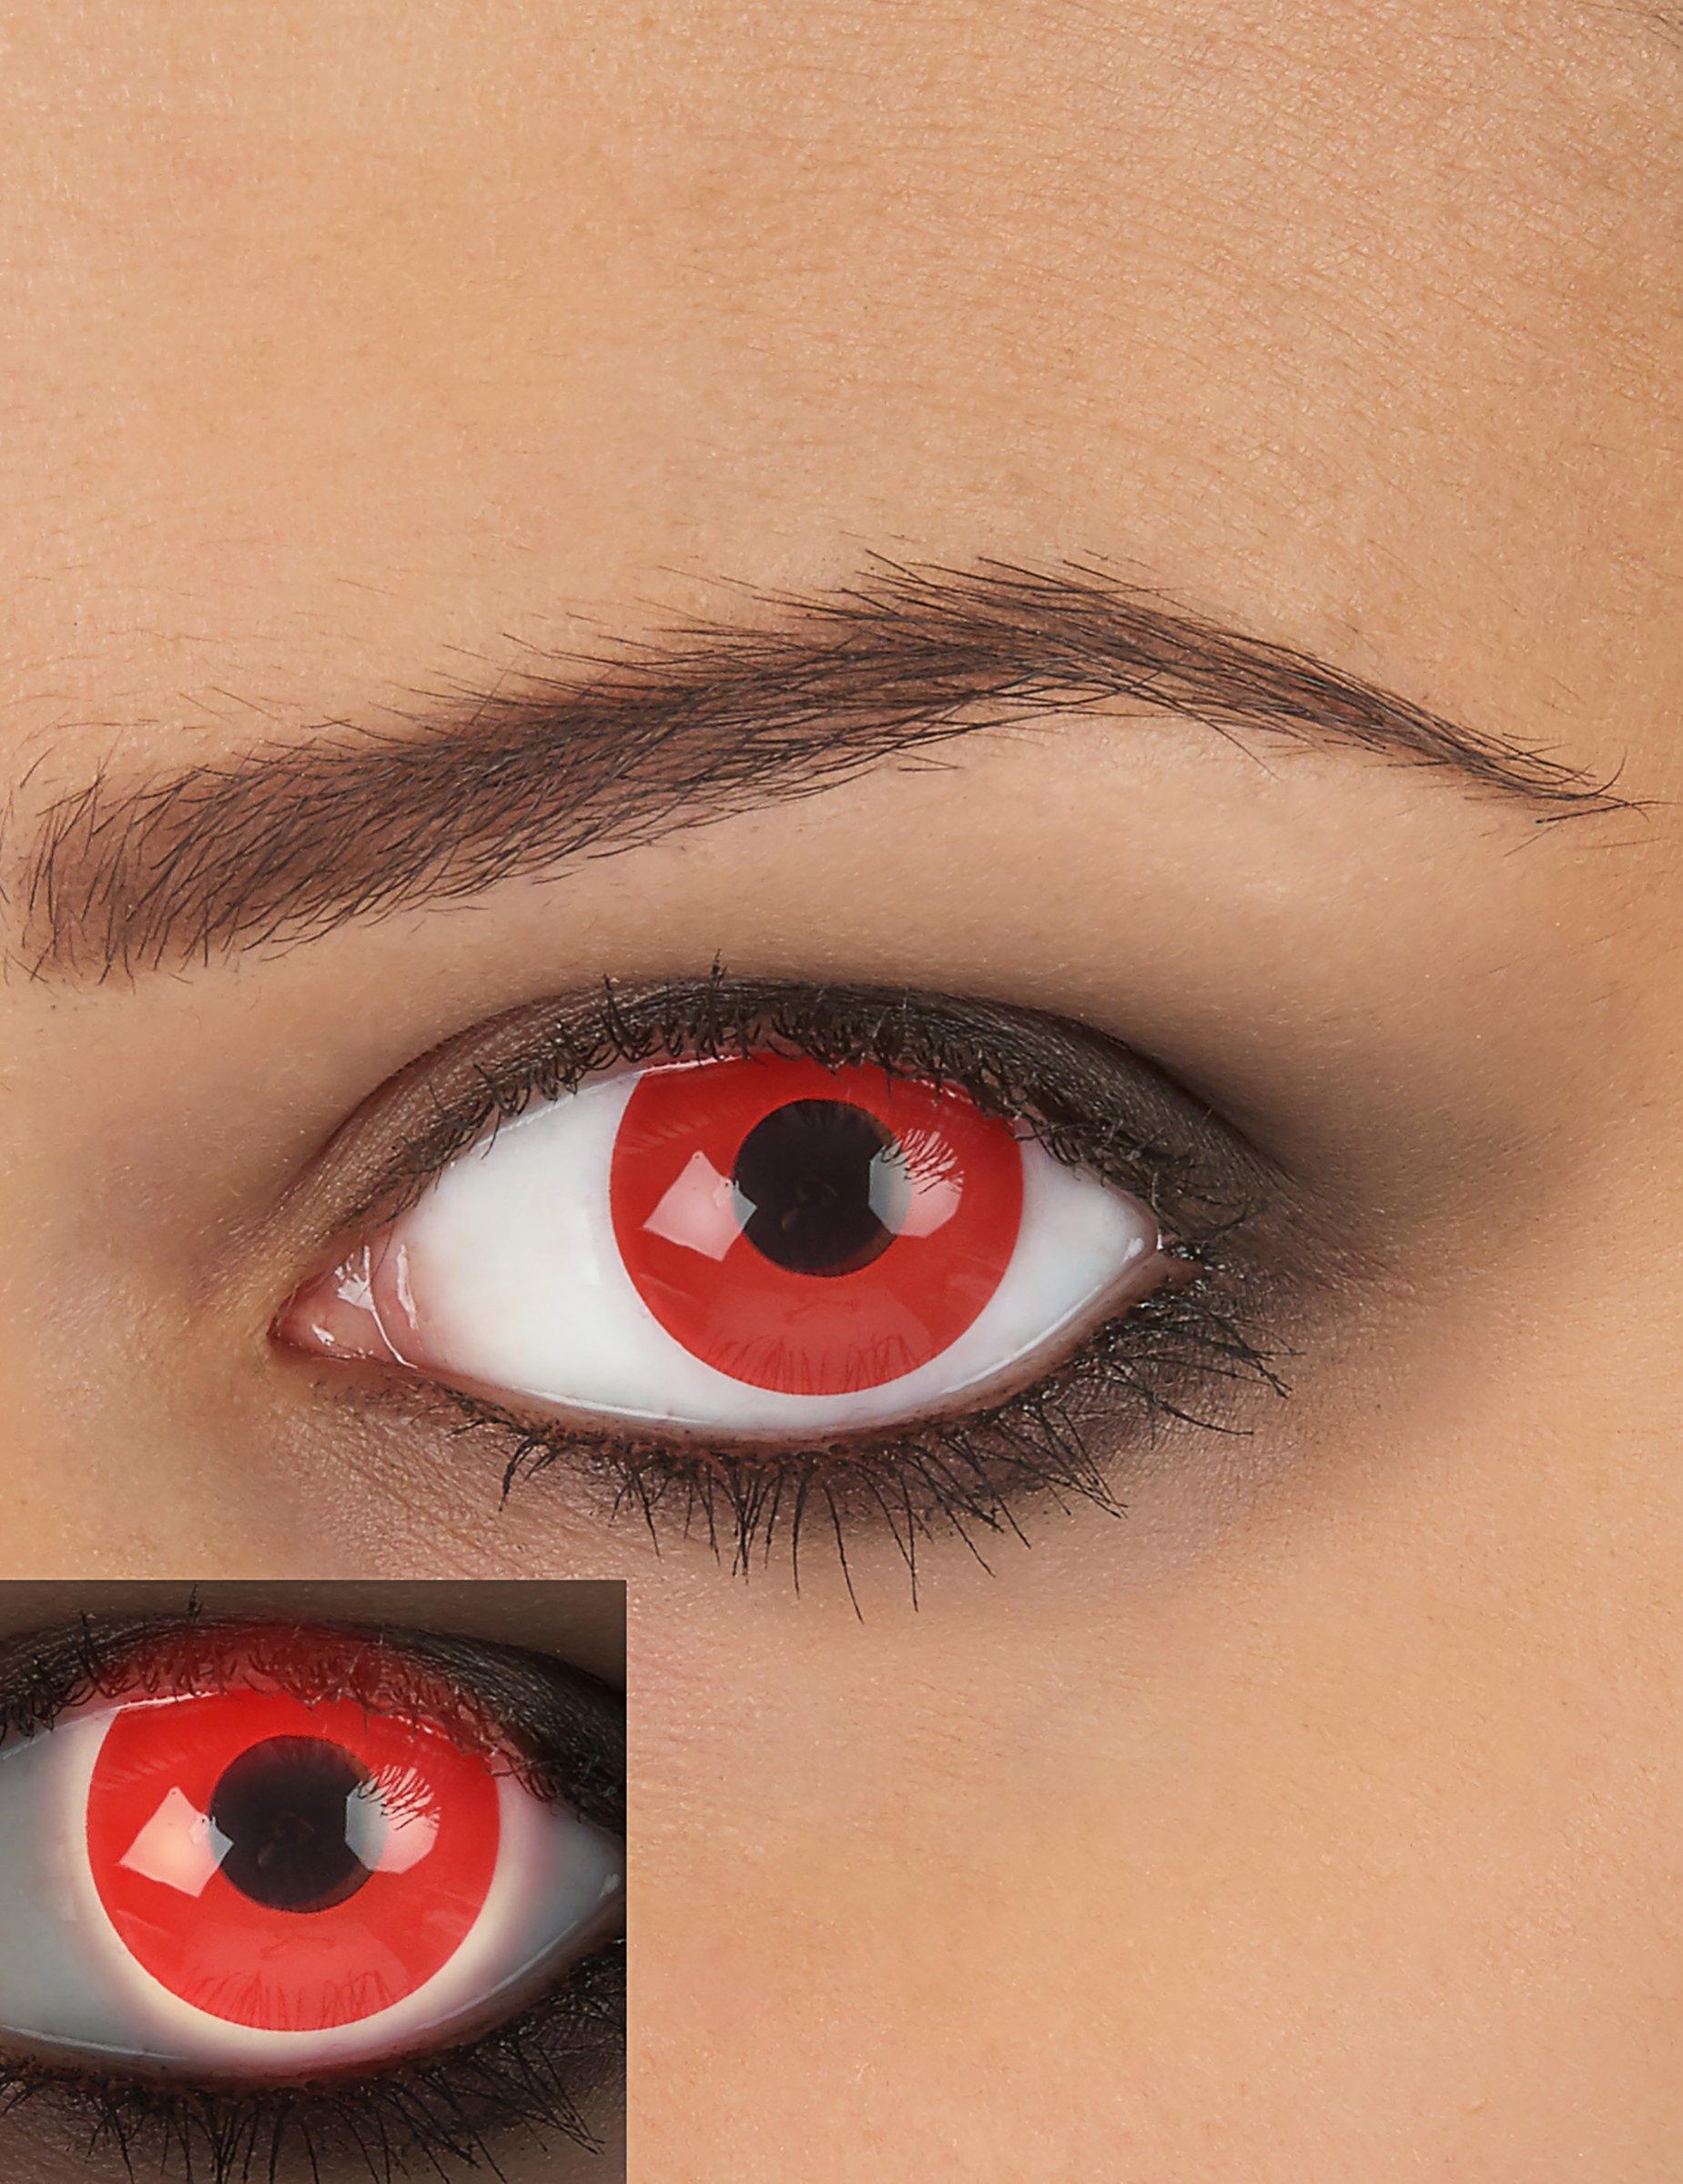 lentilles fantaisie uv rouge adulte achat de maquillage. Black Bedroom Furniture Sets. Home Design Ideas